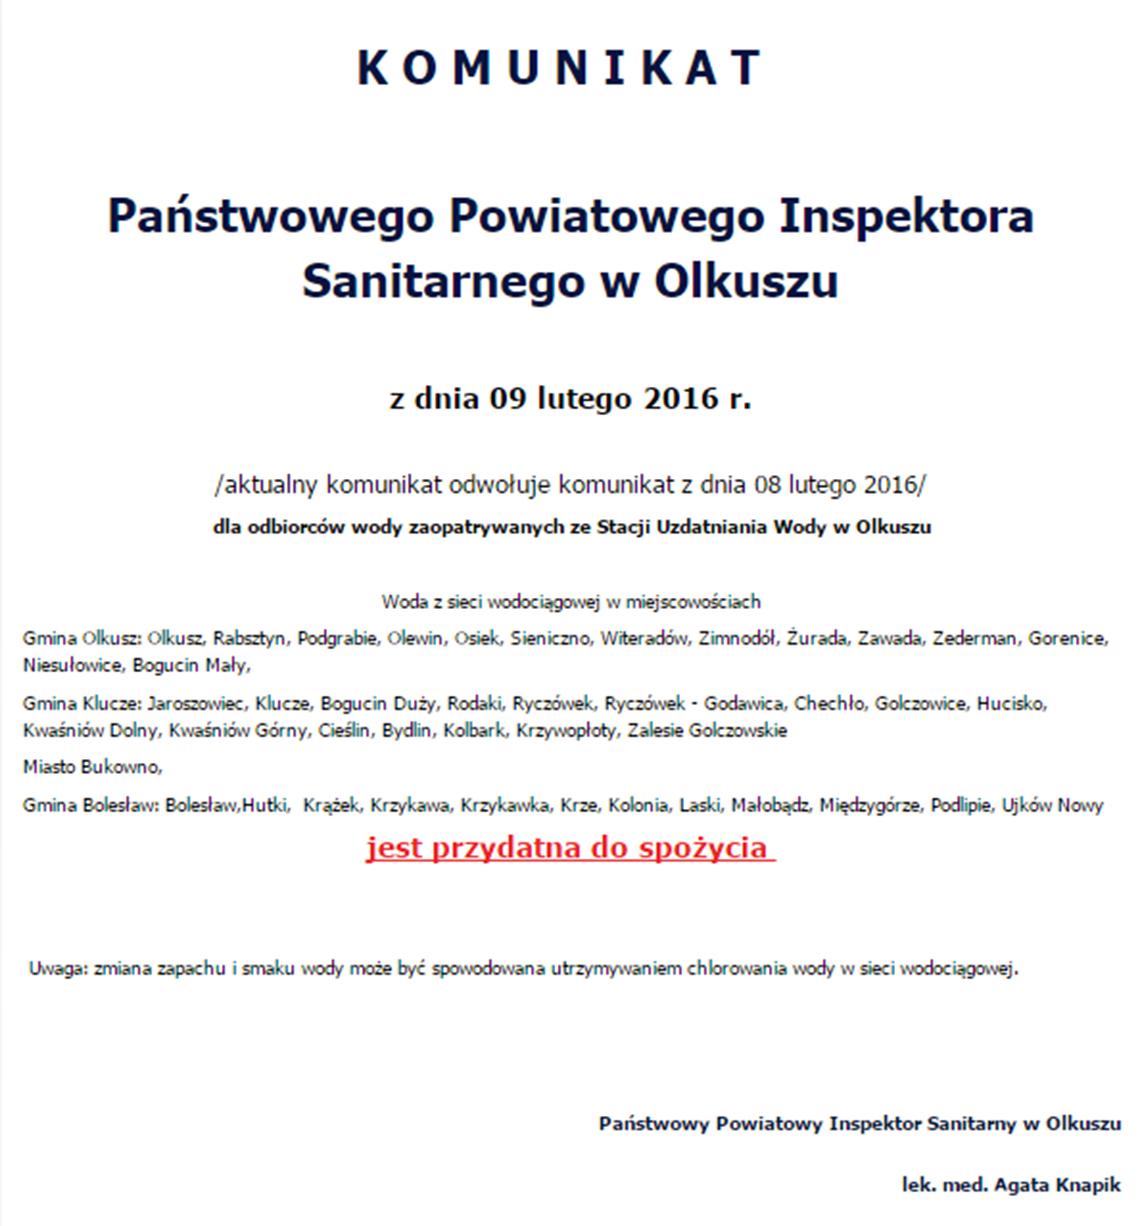 Komunikat Państwowego Powiatowego Inspektora Sanitarnego w Olkuszu z dnia 09 lutego 2016 r.